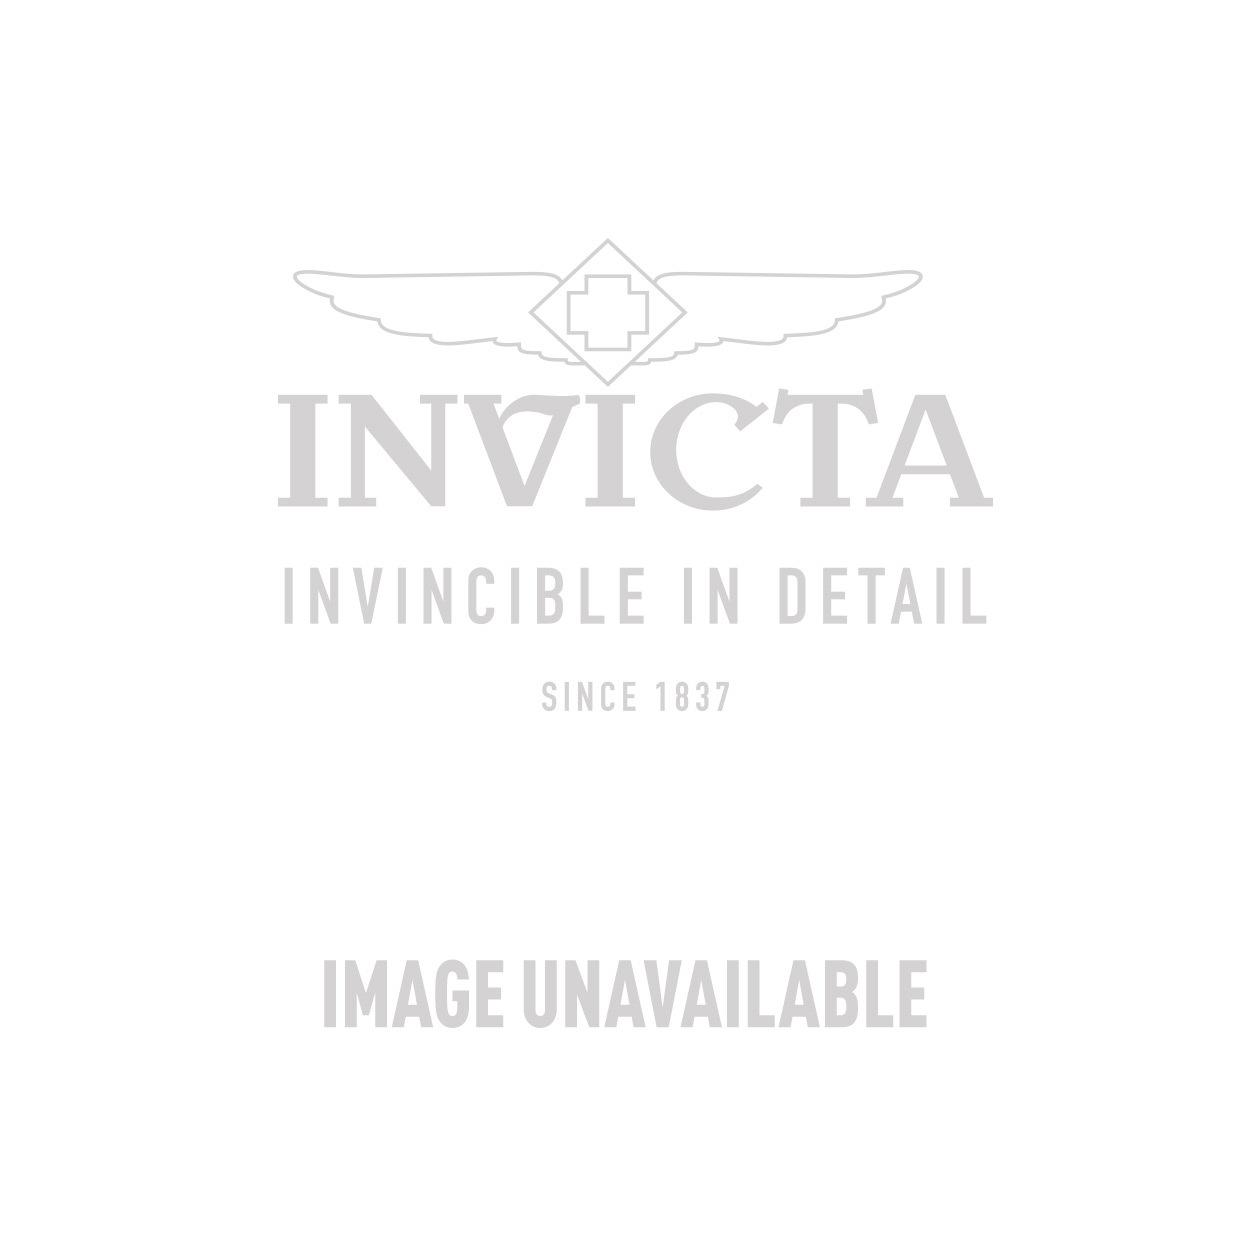 Invicta Character 24469